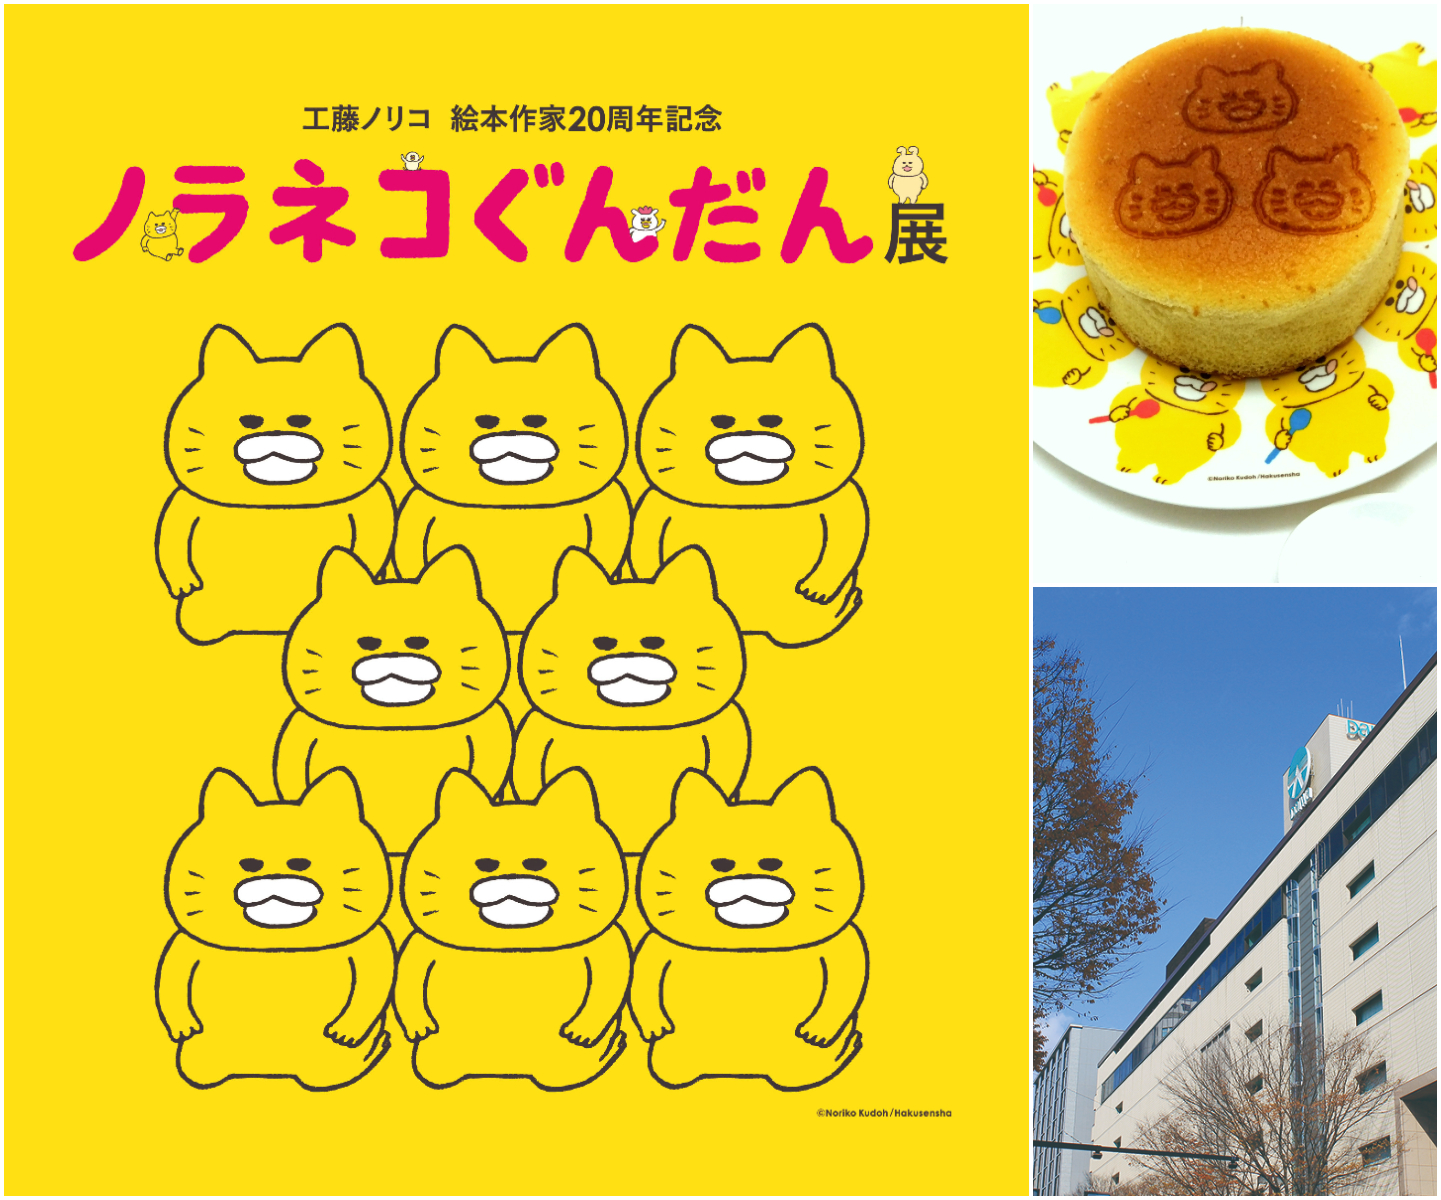 【4/23~】香林坊大和 ノラネコぐんだん展